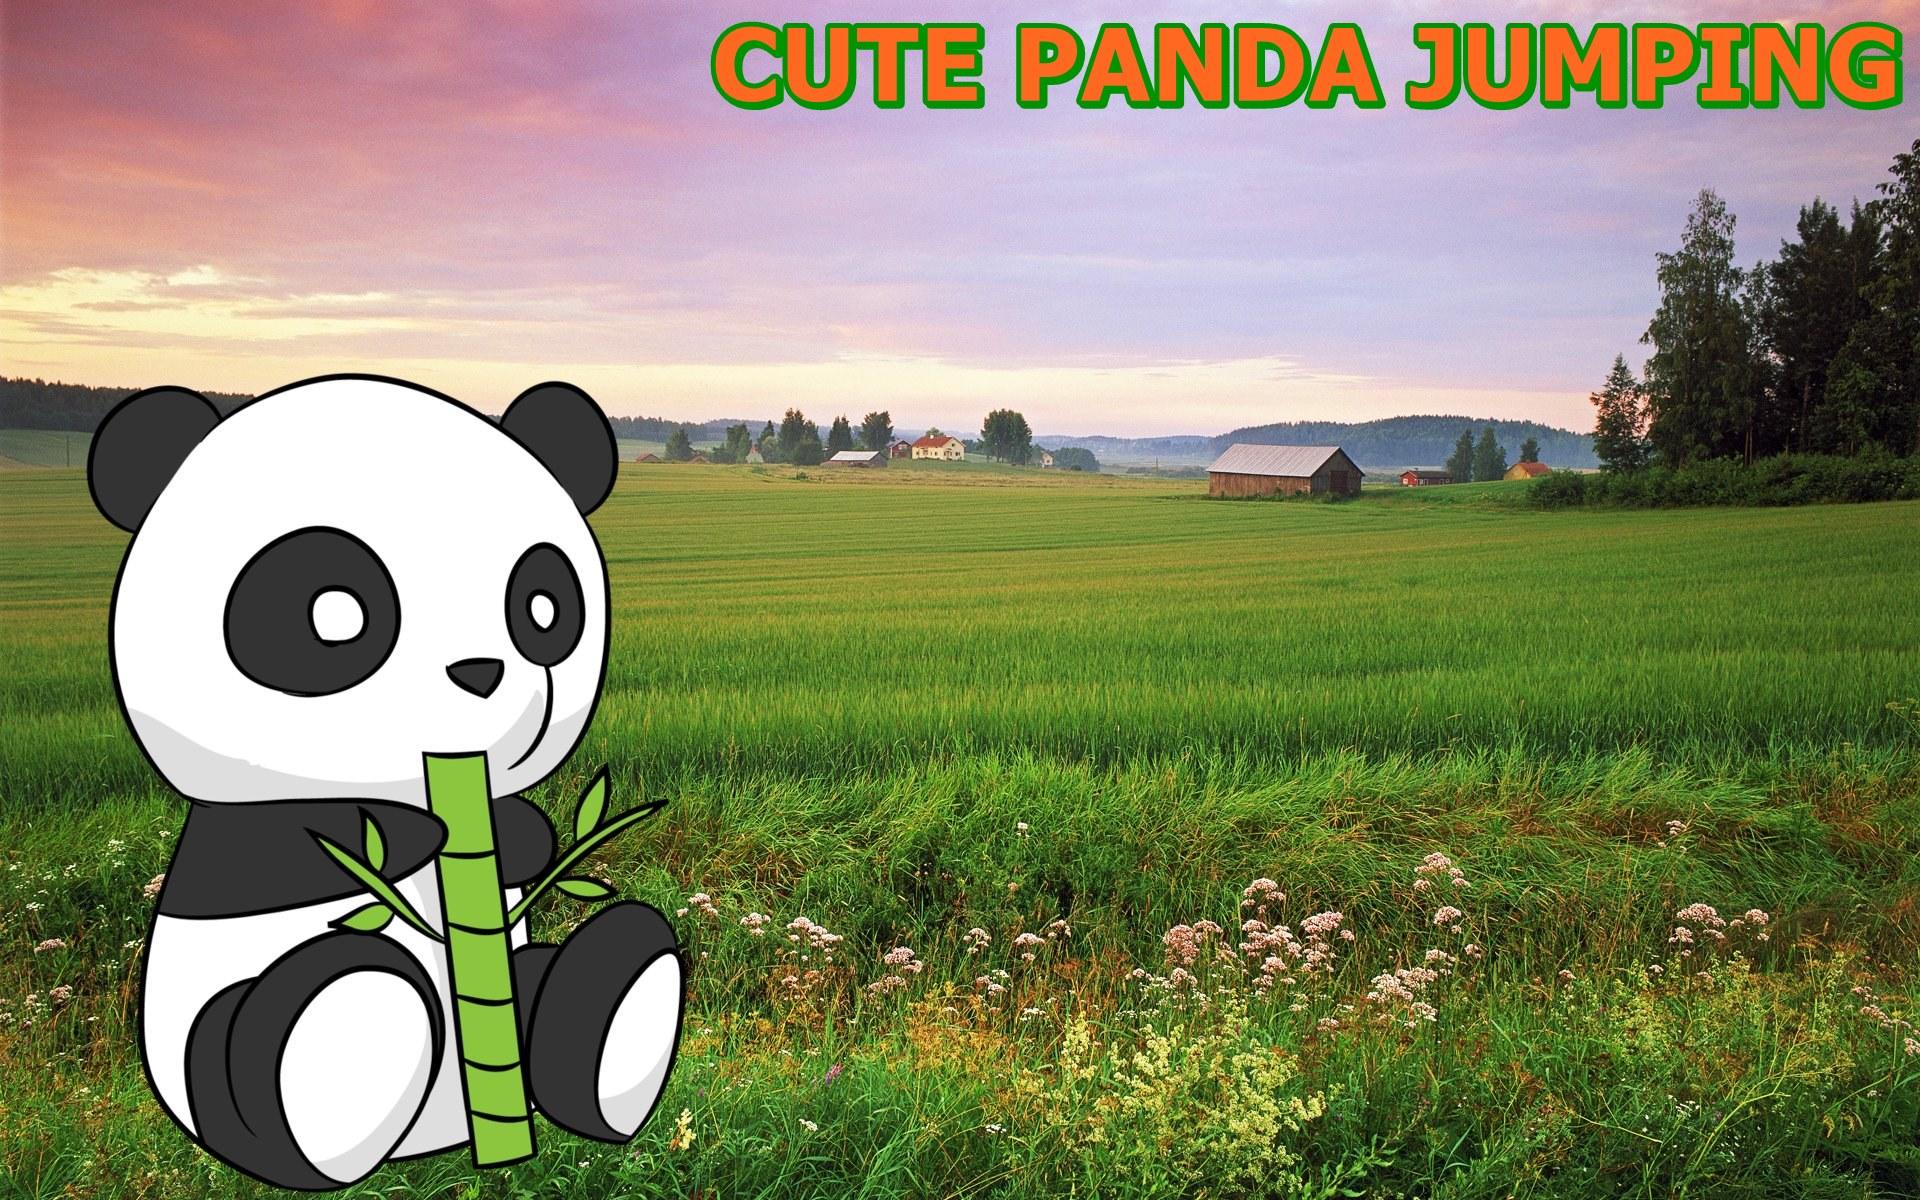 Cute Panda Jumping